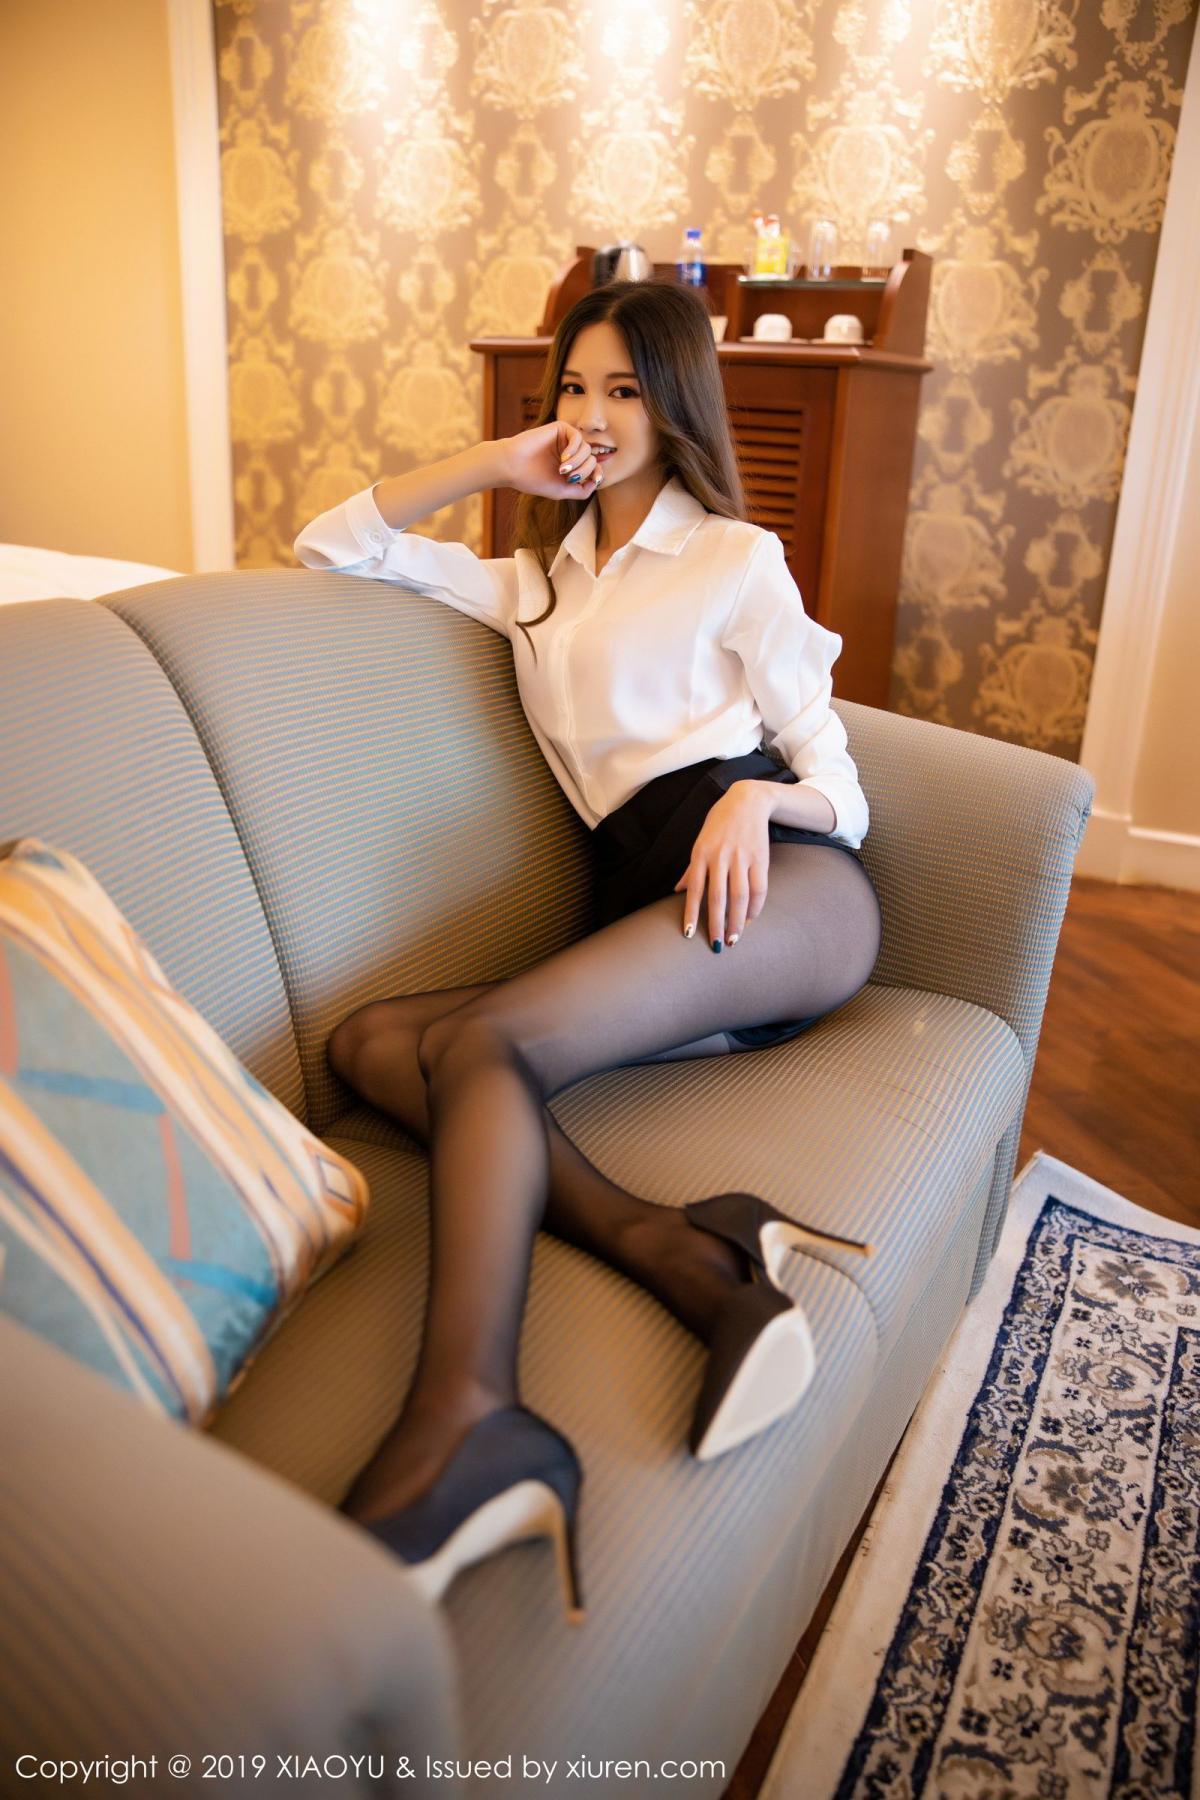 [XiaoYu] Vol.201 Cheng Cheng Cheng 41P, Black Silk, Cheng Cheng Cheng, Uniform, XiaoYu